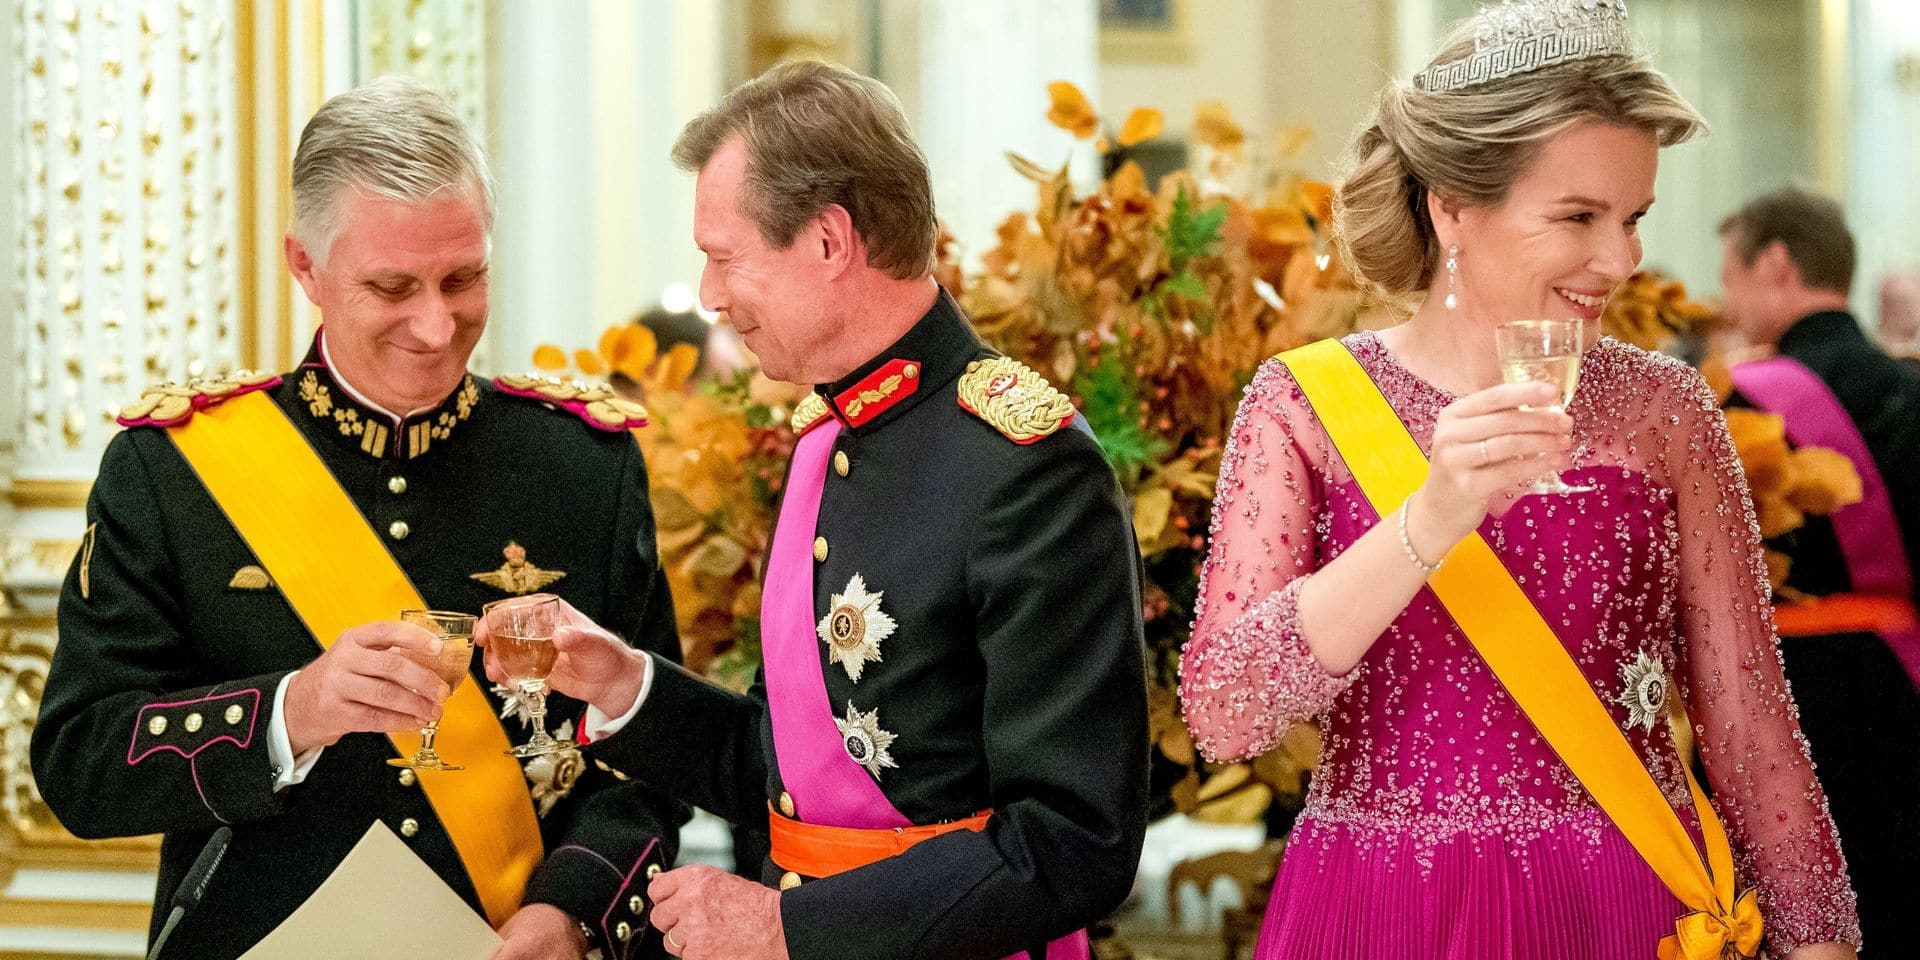 Après la voiture, un nouveau petit couac pour Philippe et Mathilde lors de la visite d'Etat au Grand-Duché